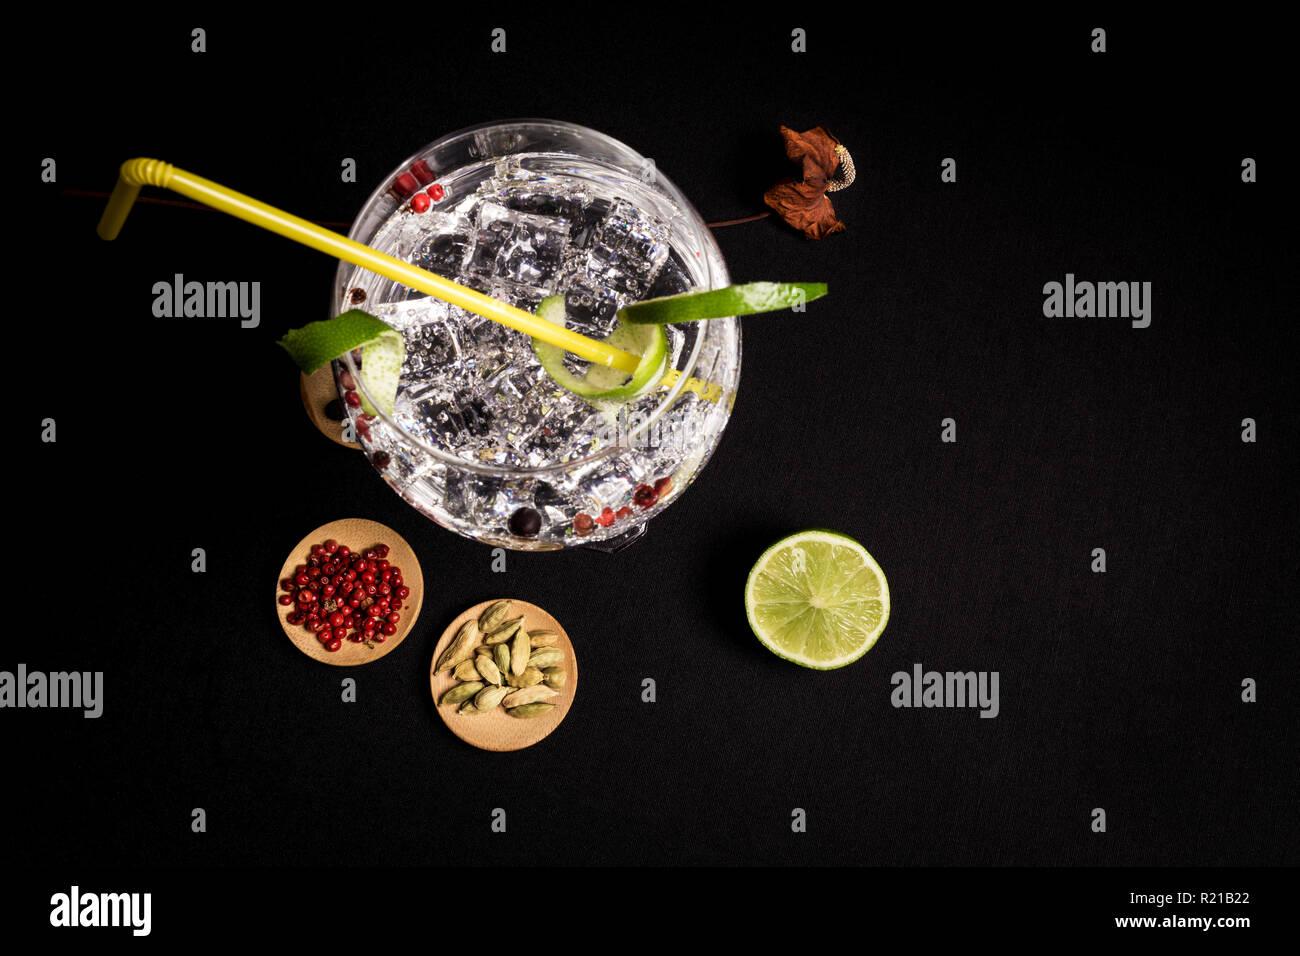 Frais et savoureux cocktail gin tonic sur fond noir à côté de vos ingrédients Photo Stock